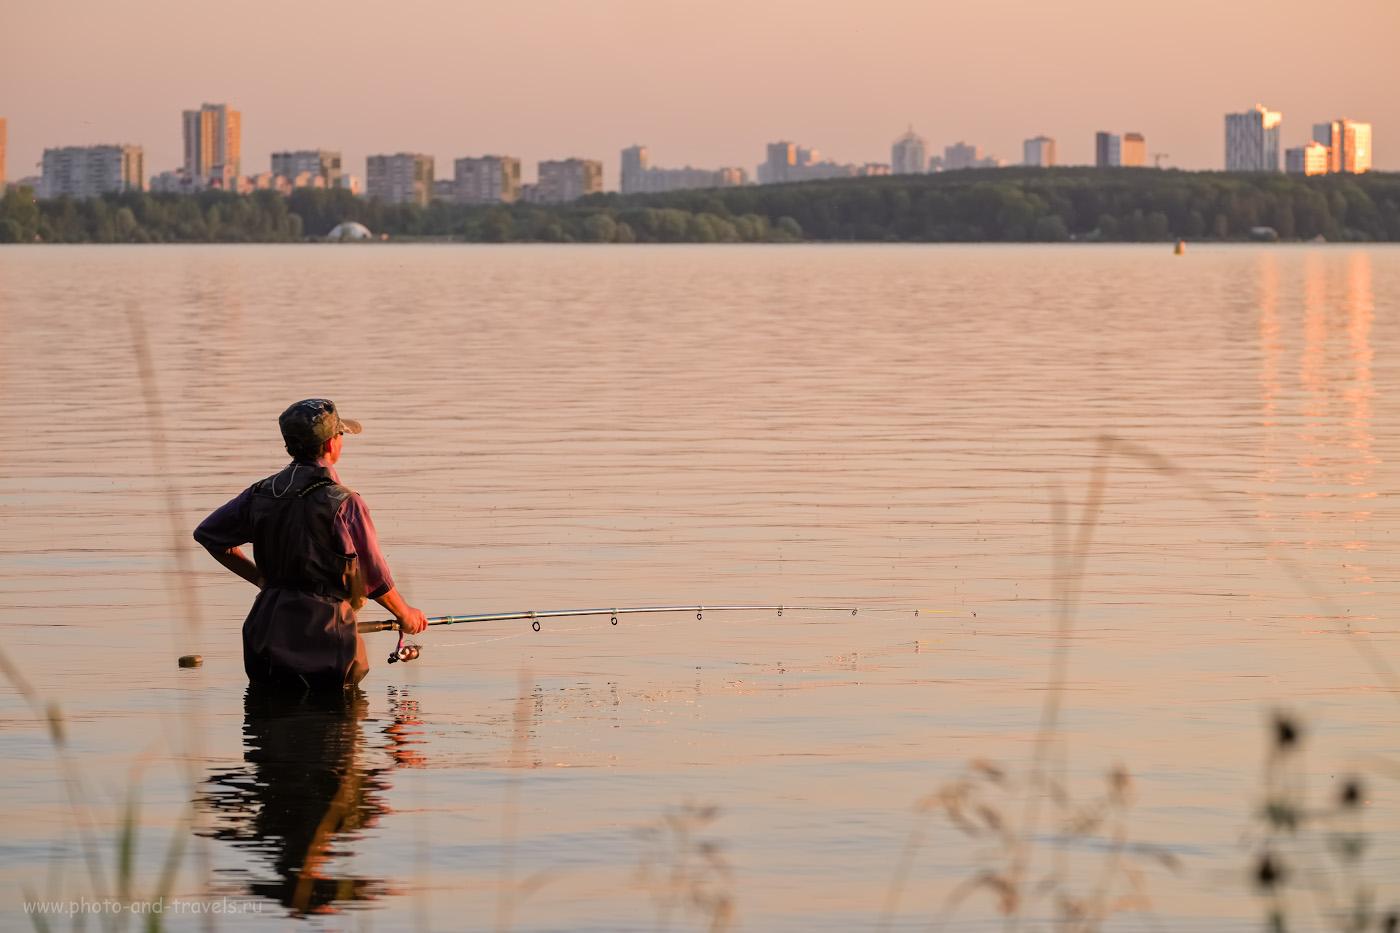 38. Наверное, у рыбаков такой же сложный выбор: что лучше, длинная и тяжелая удочка или короткая и легкая? Снято на Fujinon 50-200mm f/3.5-4.8. Параметры: 1/250, 5.0, 400, +0.67, 95.